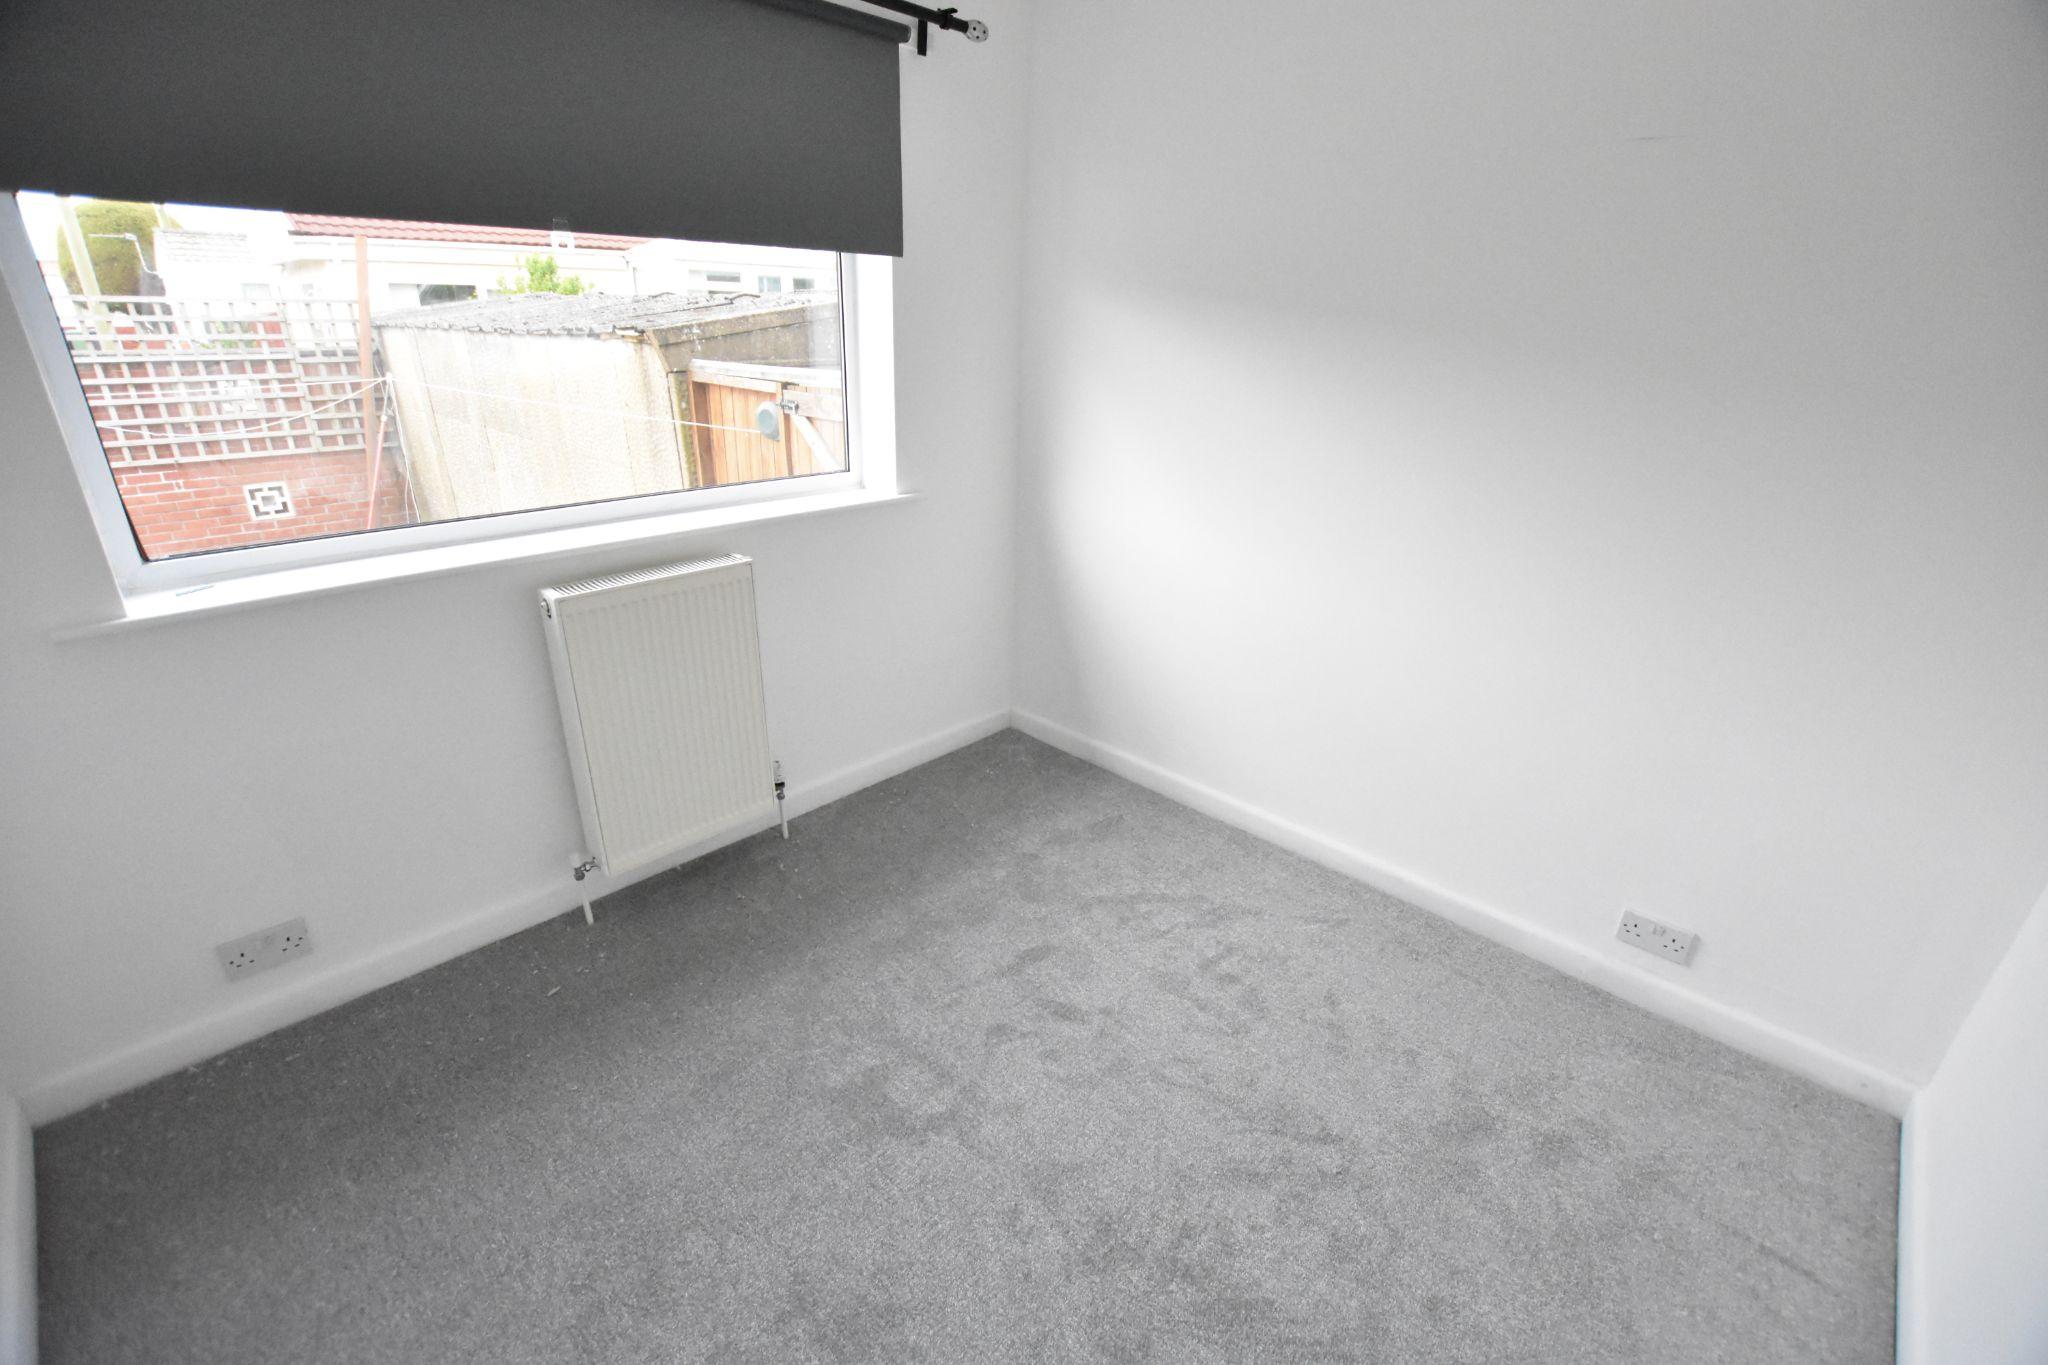 3 bedroom semi-detached bungalow To Let in Preston - Bedroom 3